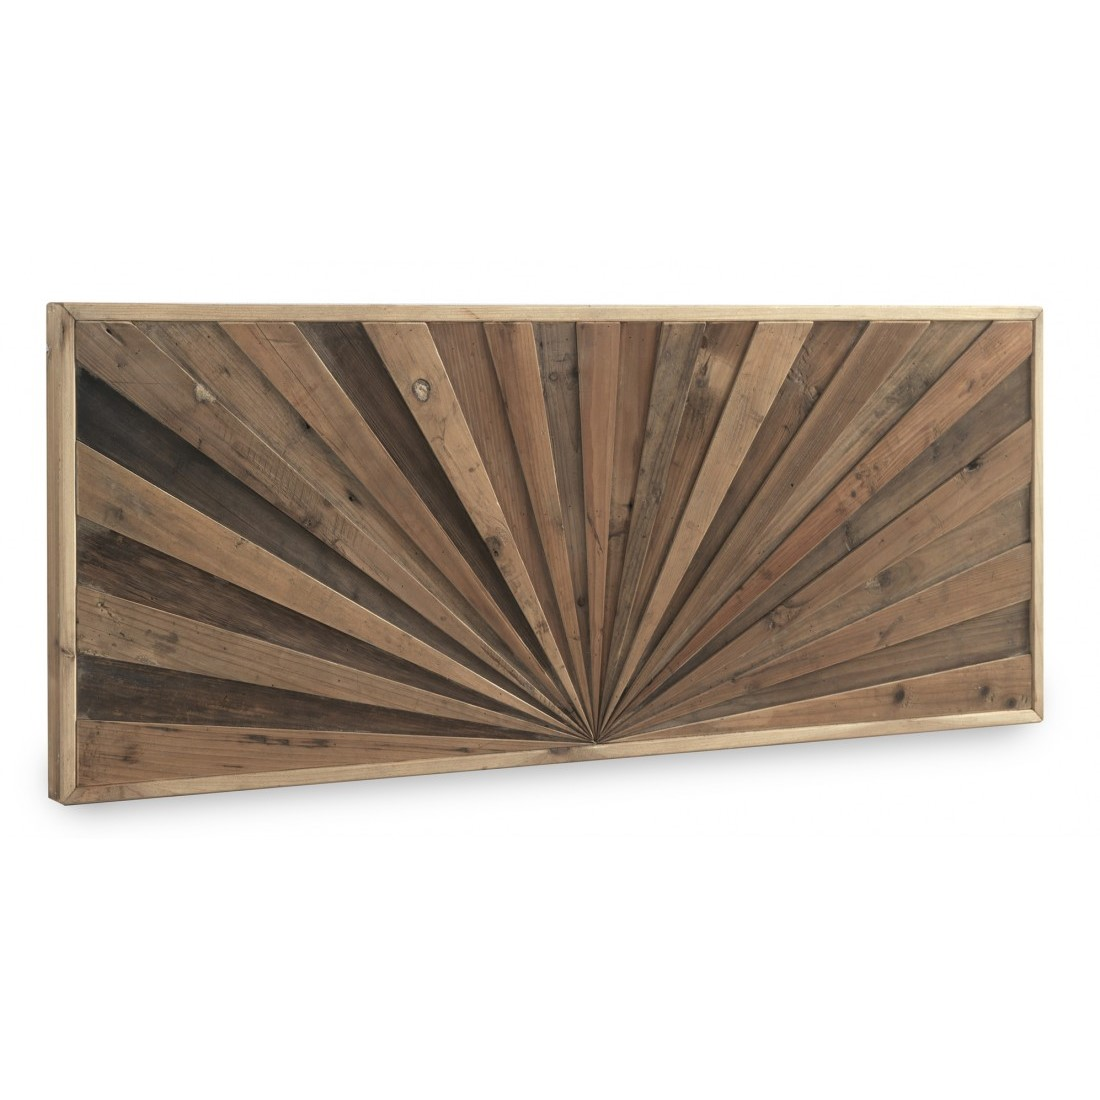 32387-cabecero-madera-laminada-145.jpg